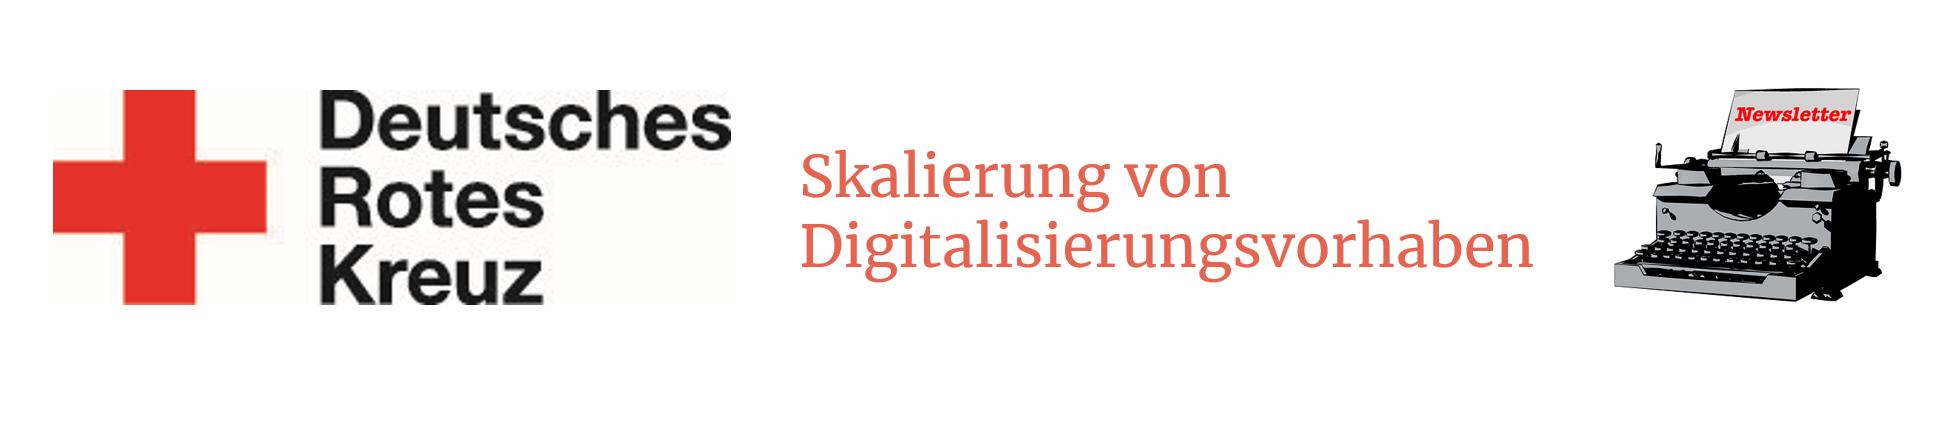 """Links das Logo des DRK, in der Mitte steht """"Skalierung von Digitalisierungsvorhaben"""" und rechts ist eine Schreibmaschine abgebildet."""